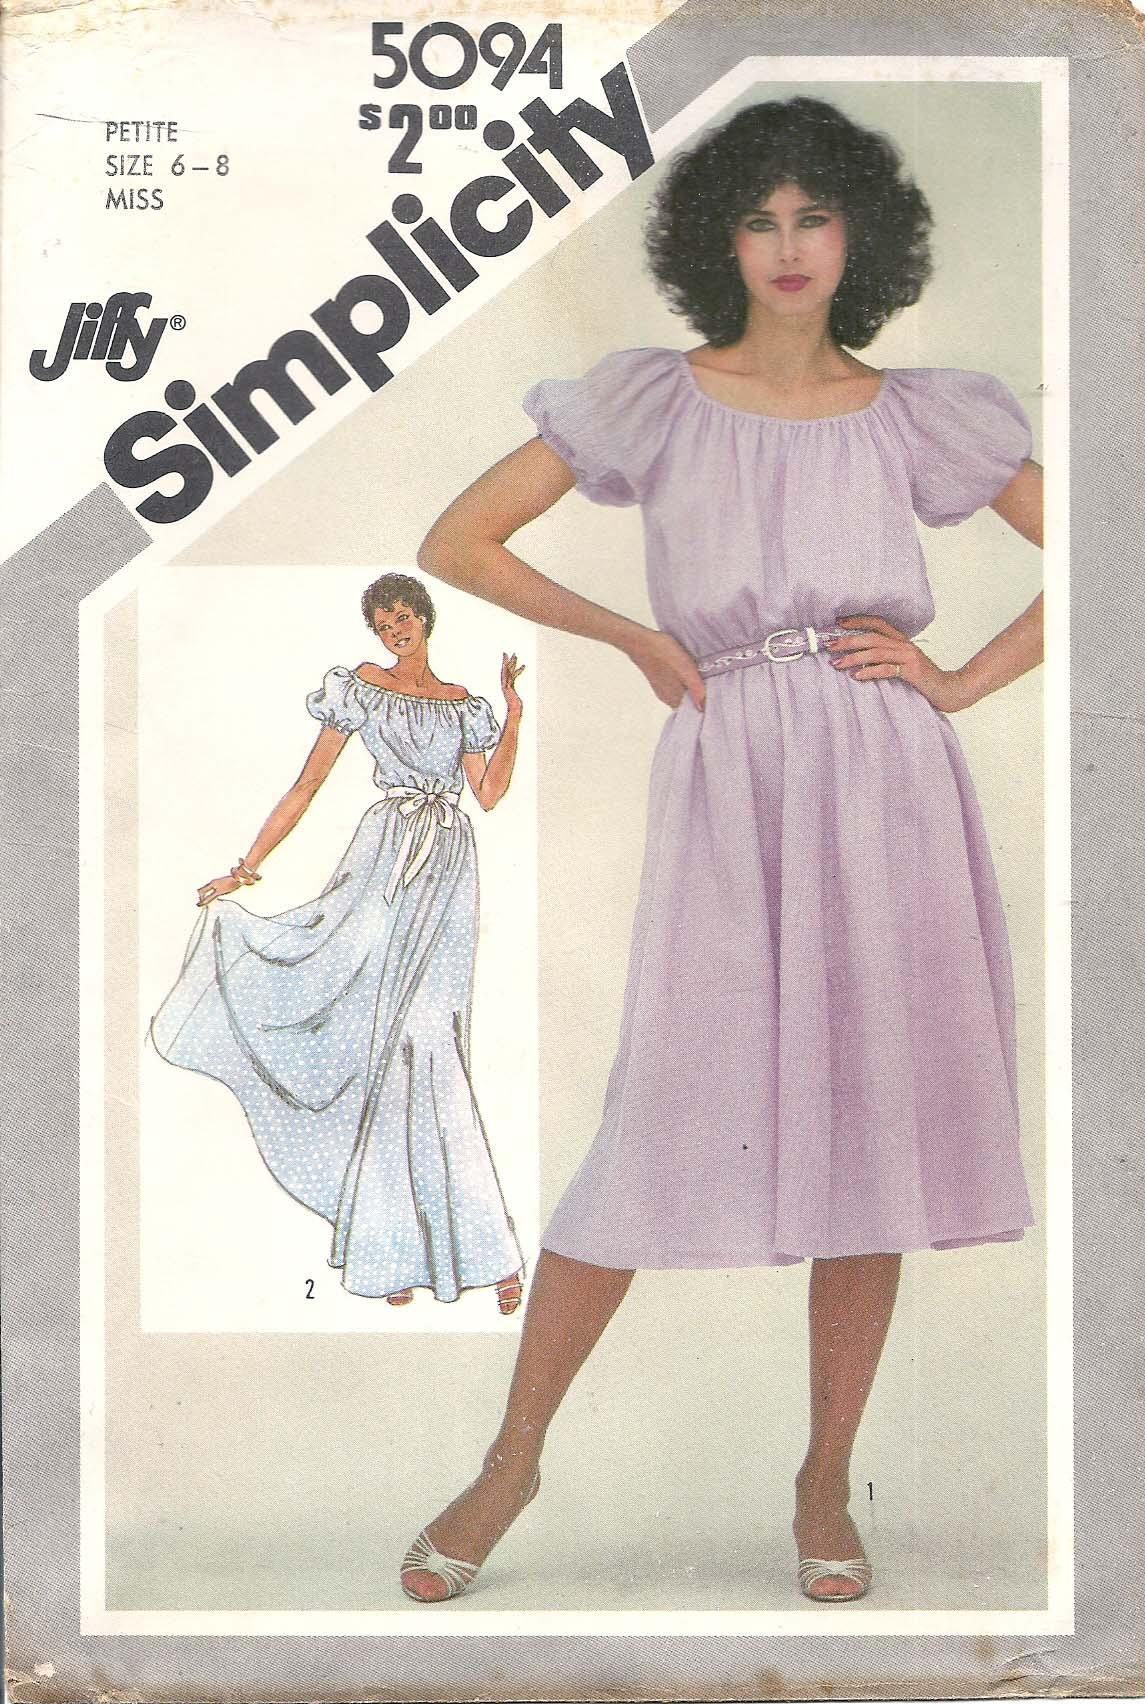 Simplicity 5094 A